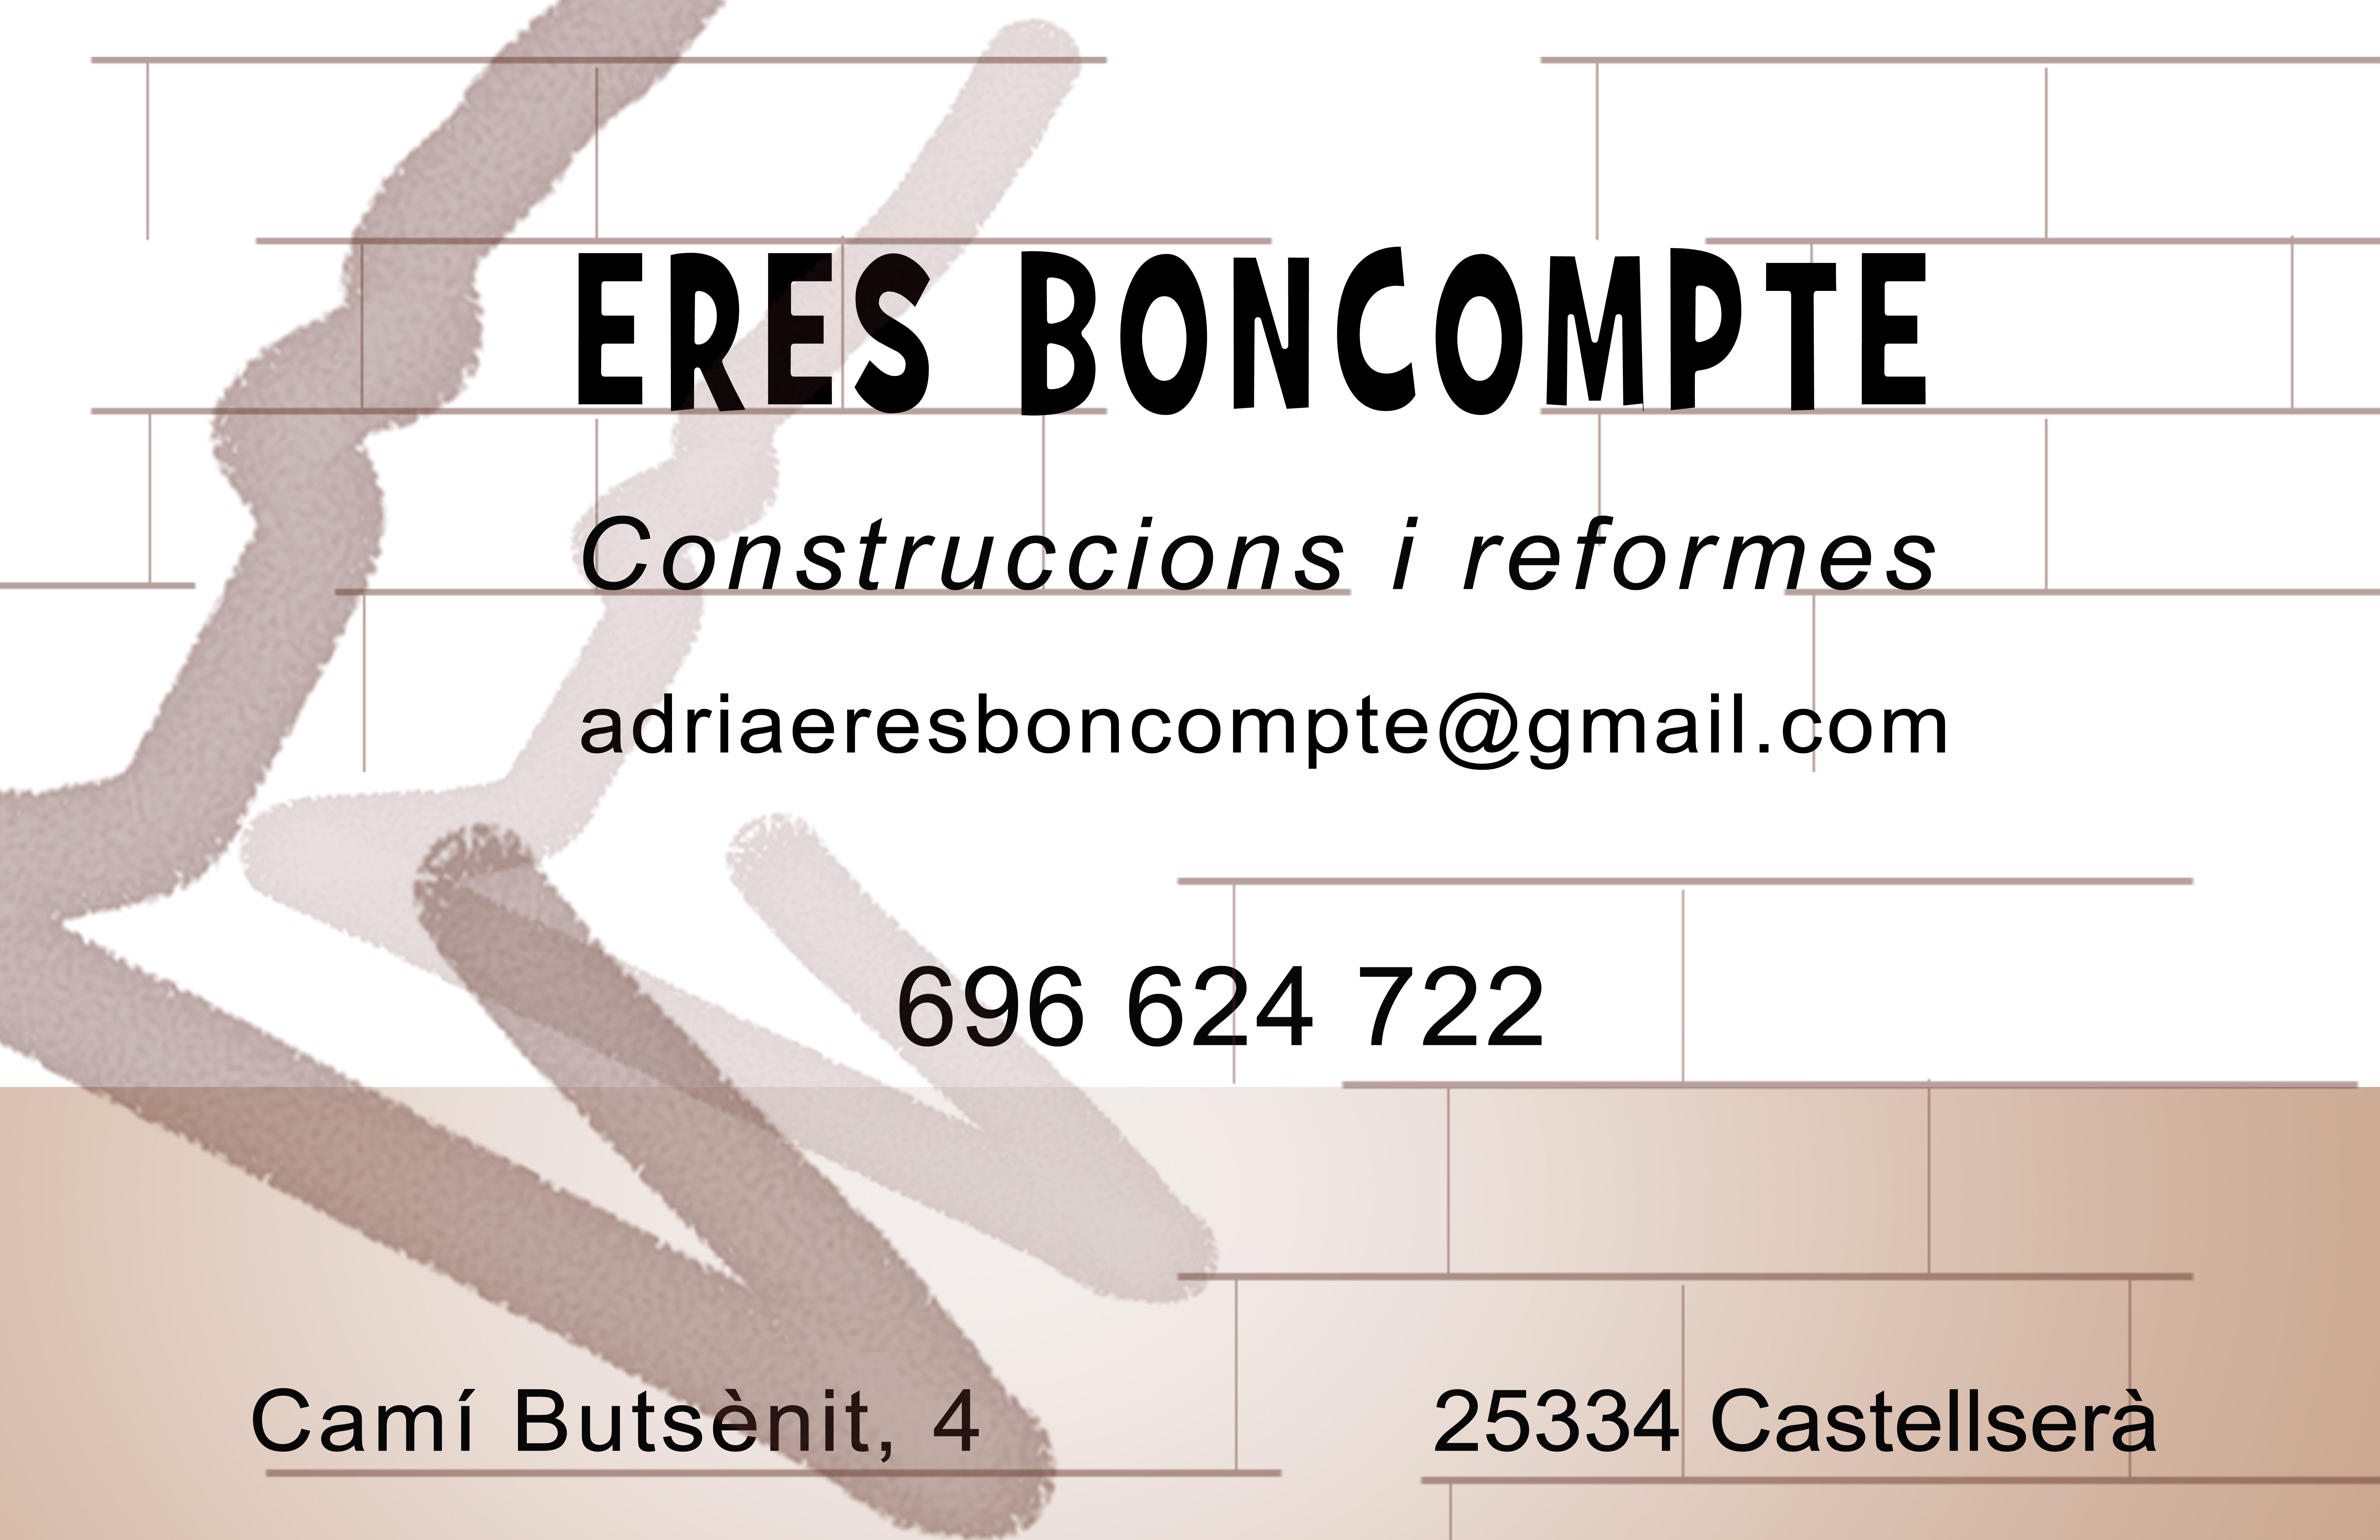 Eres Boncompte, construccions i reformes.